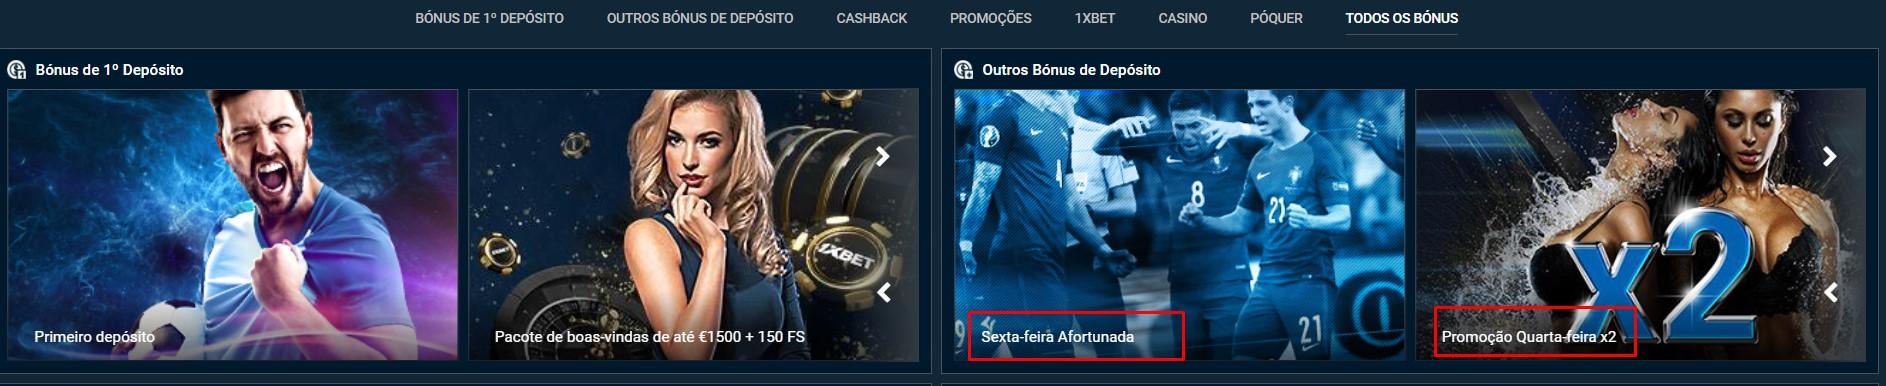 Codigo promocional 1xbet Portugal